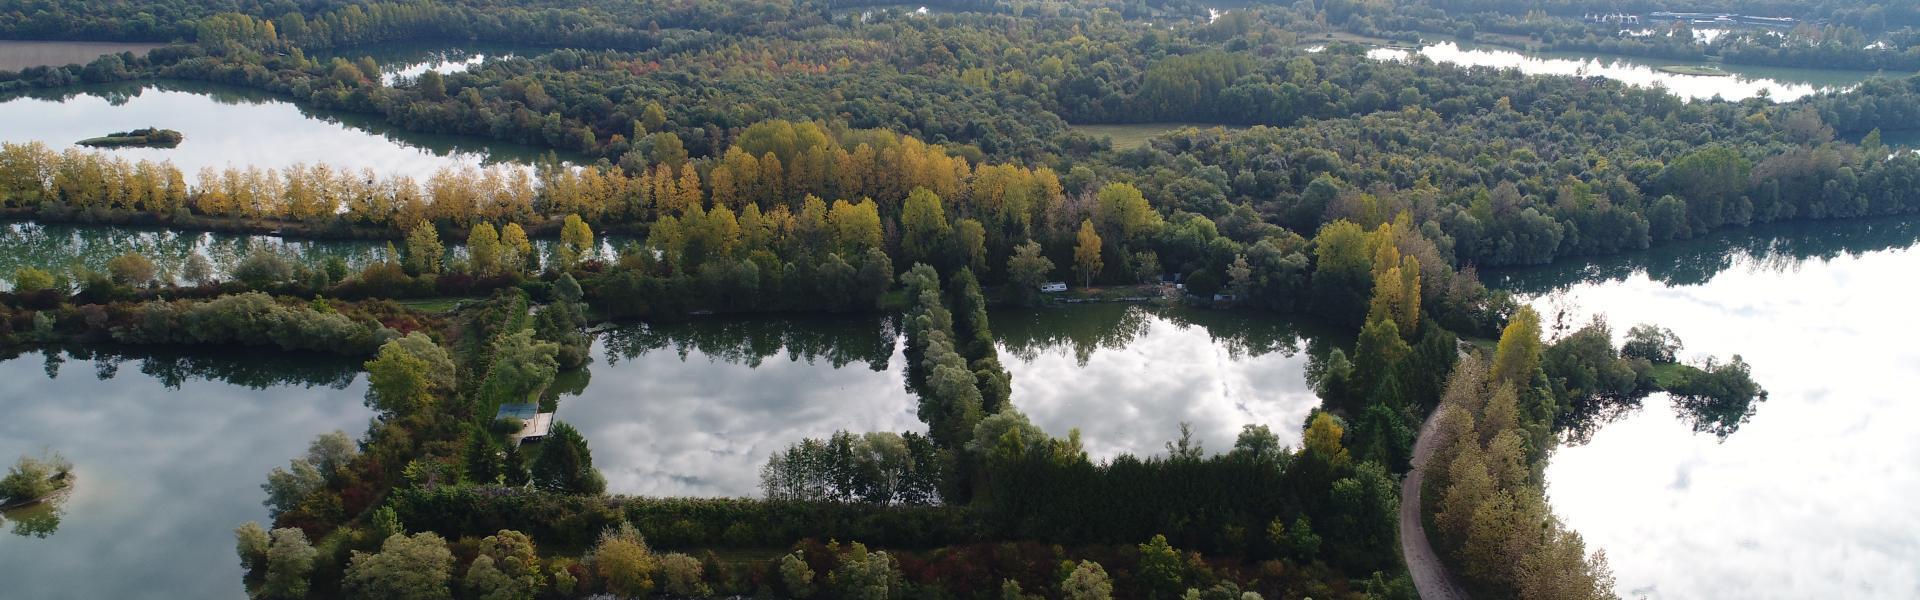 La Bassée - Des espaces naturels sous protection - EPTB Seine Grands Lacs